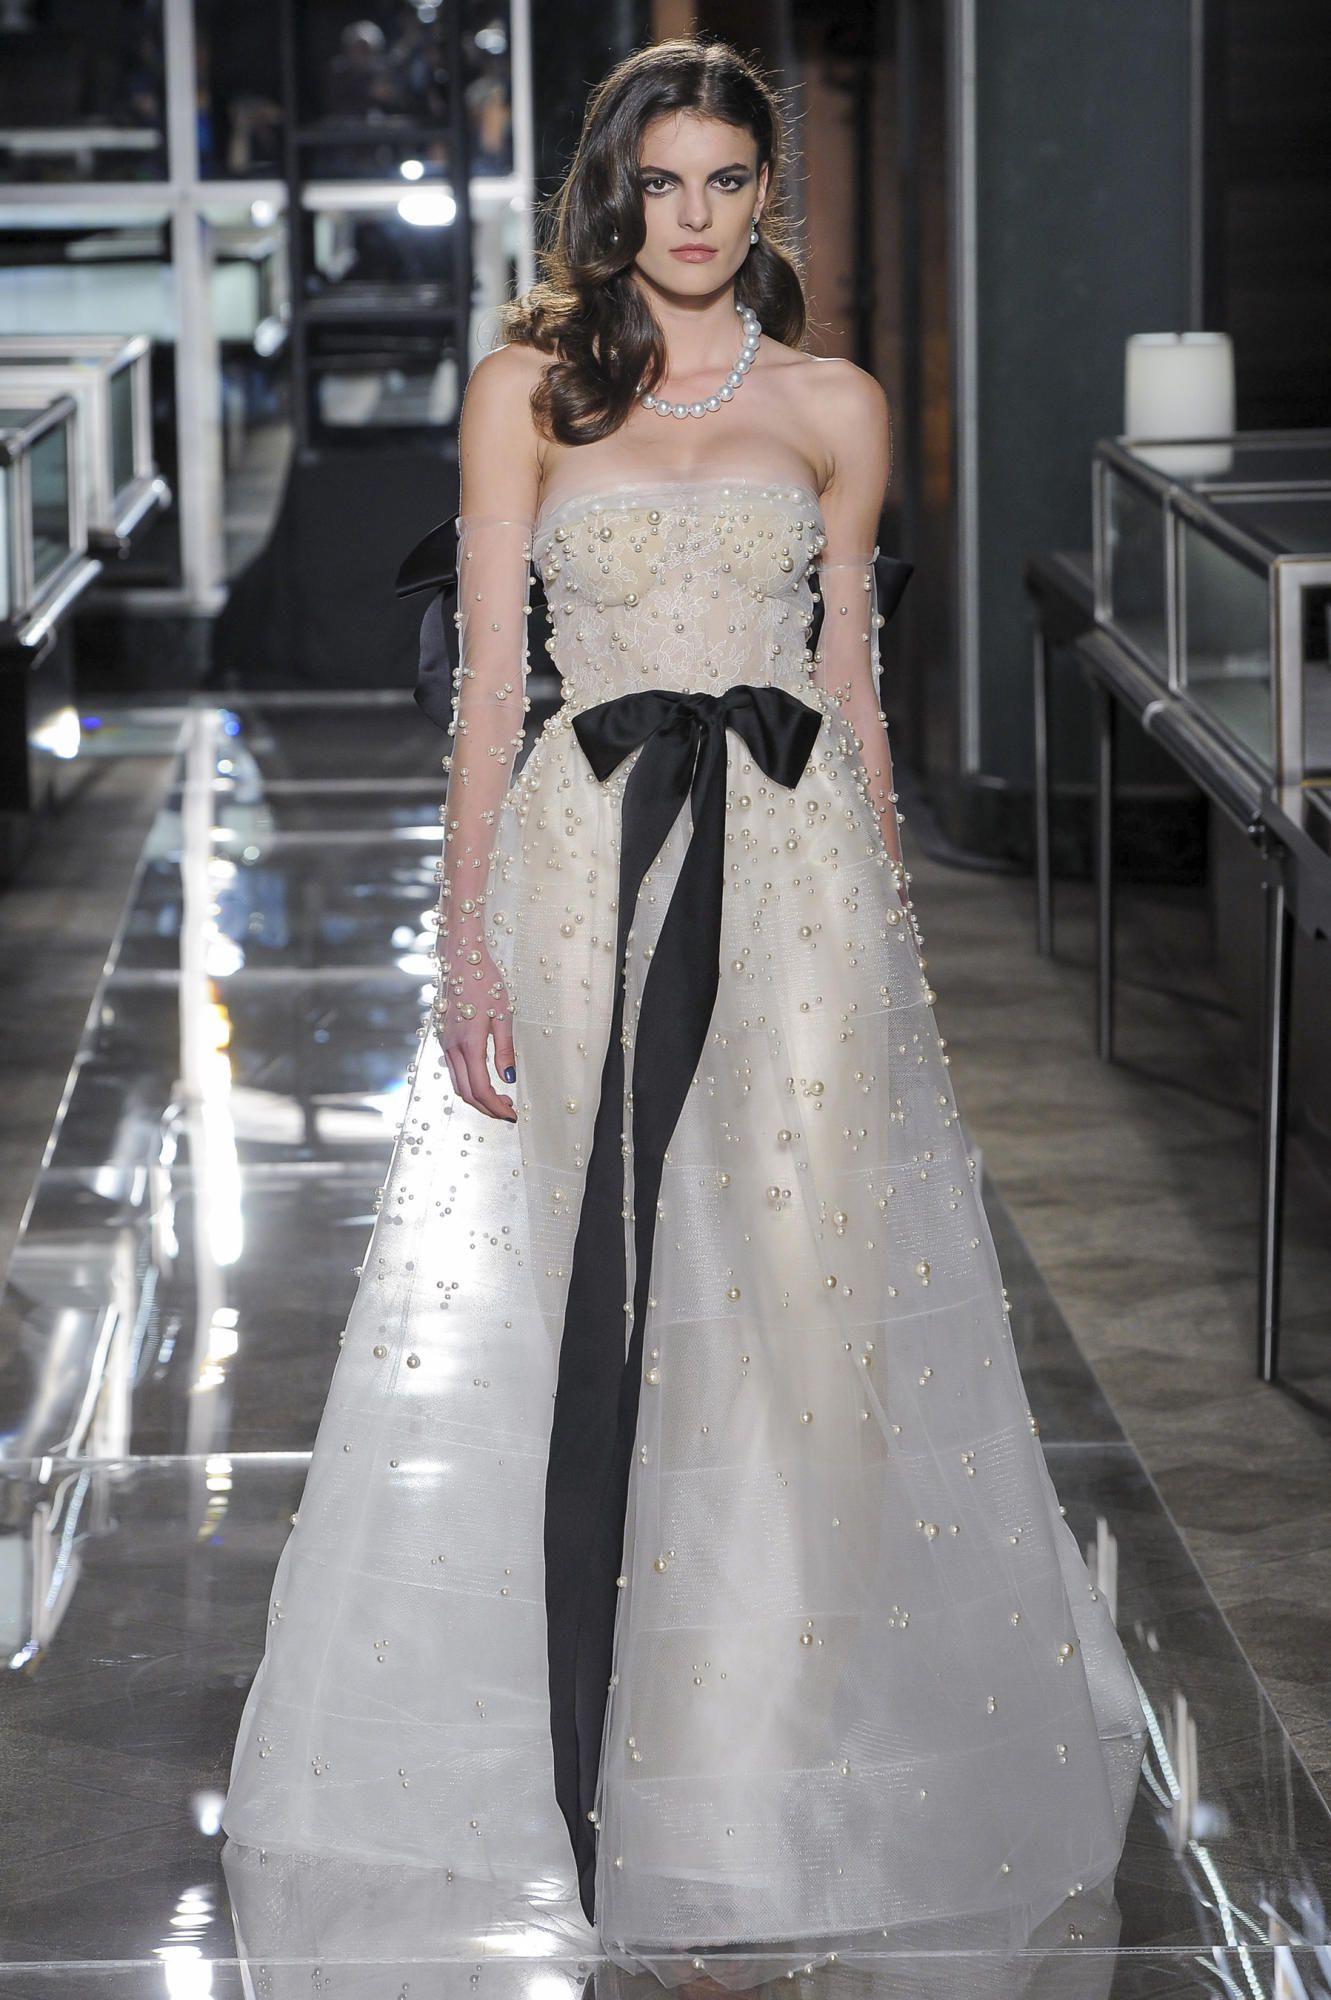 tendências vestidos de noiva 2018